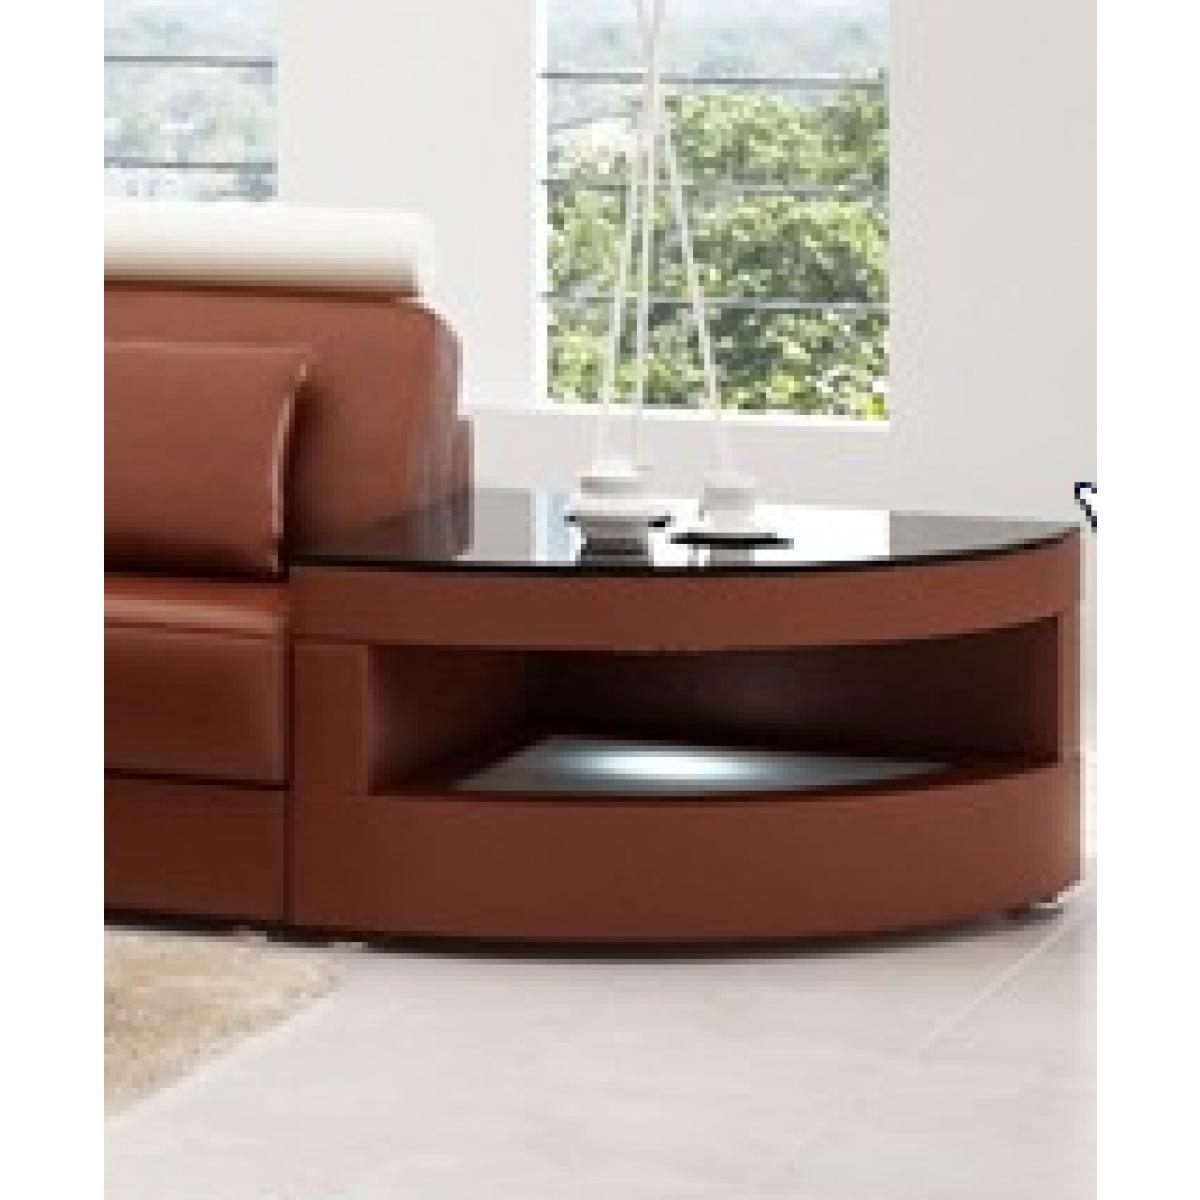 Canapé Éclairage Basse Intégrée Avec Table Au Almeria Nwvm8n0